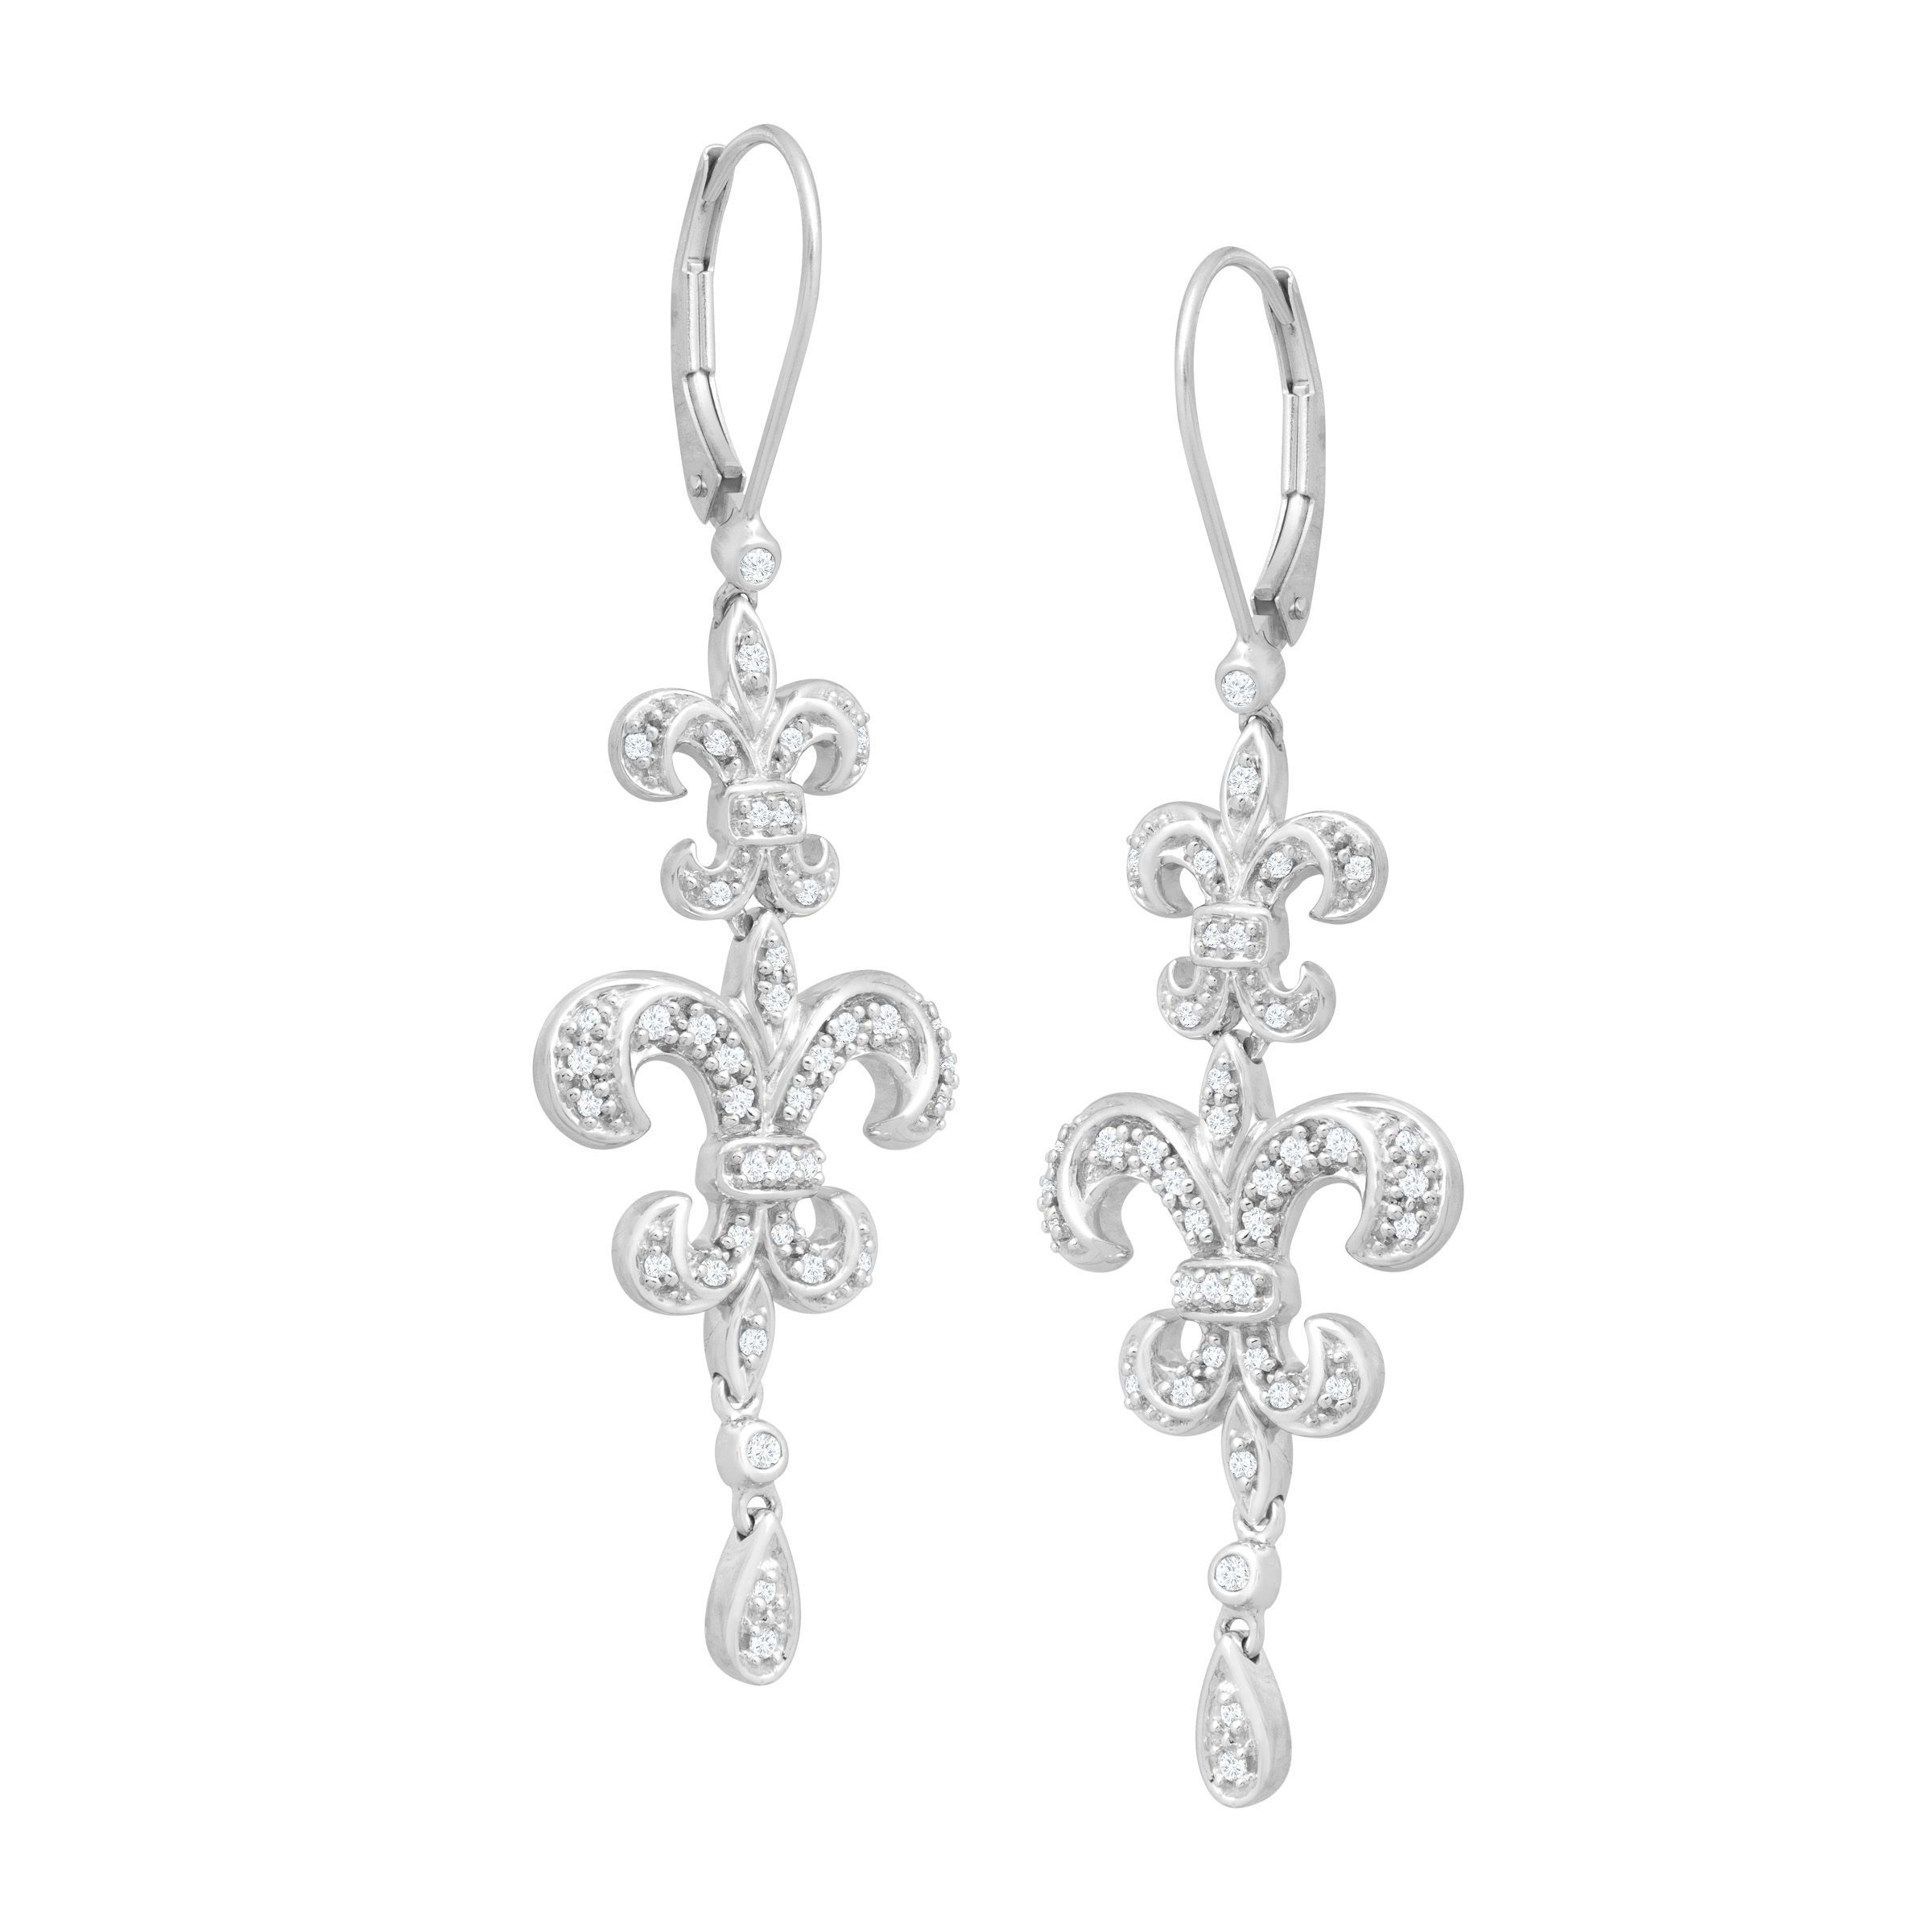 1 3 Ct Diamond Fleur De Lis Drop Earrings In 14k White Gold